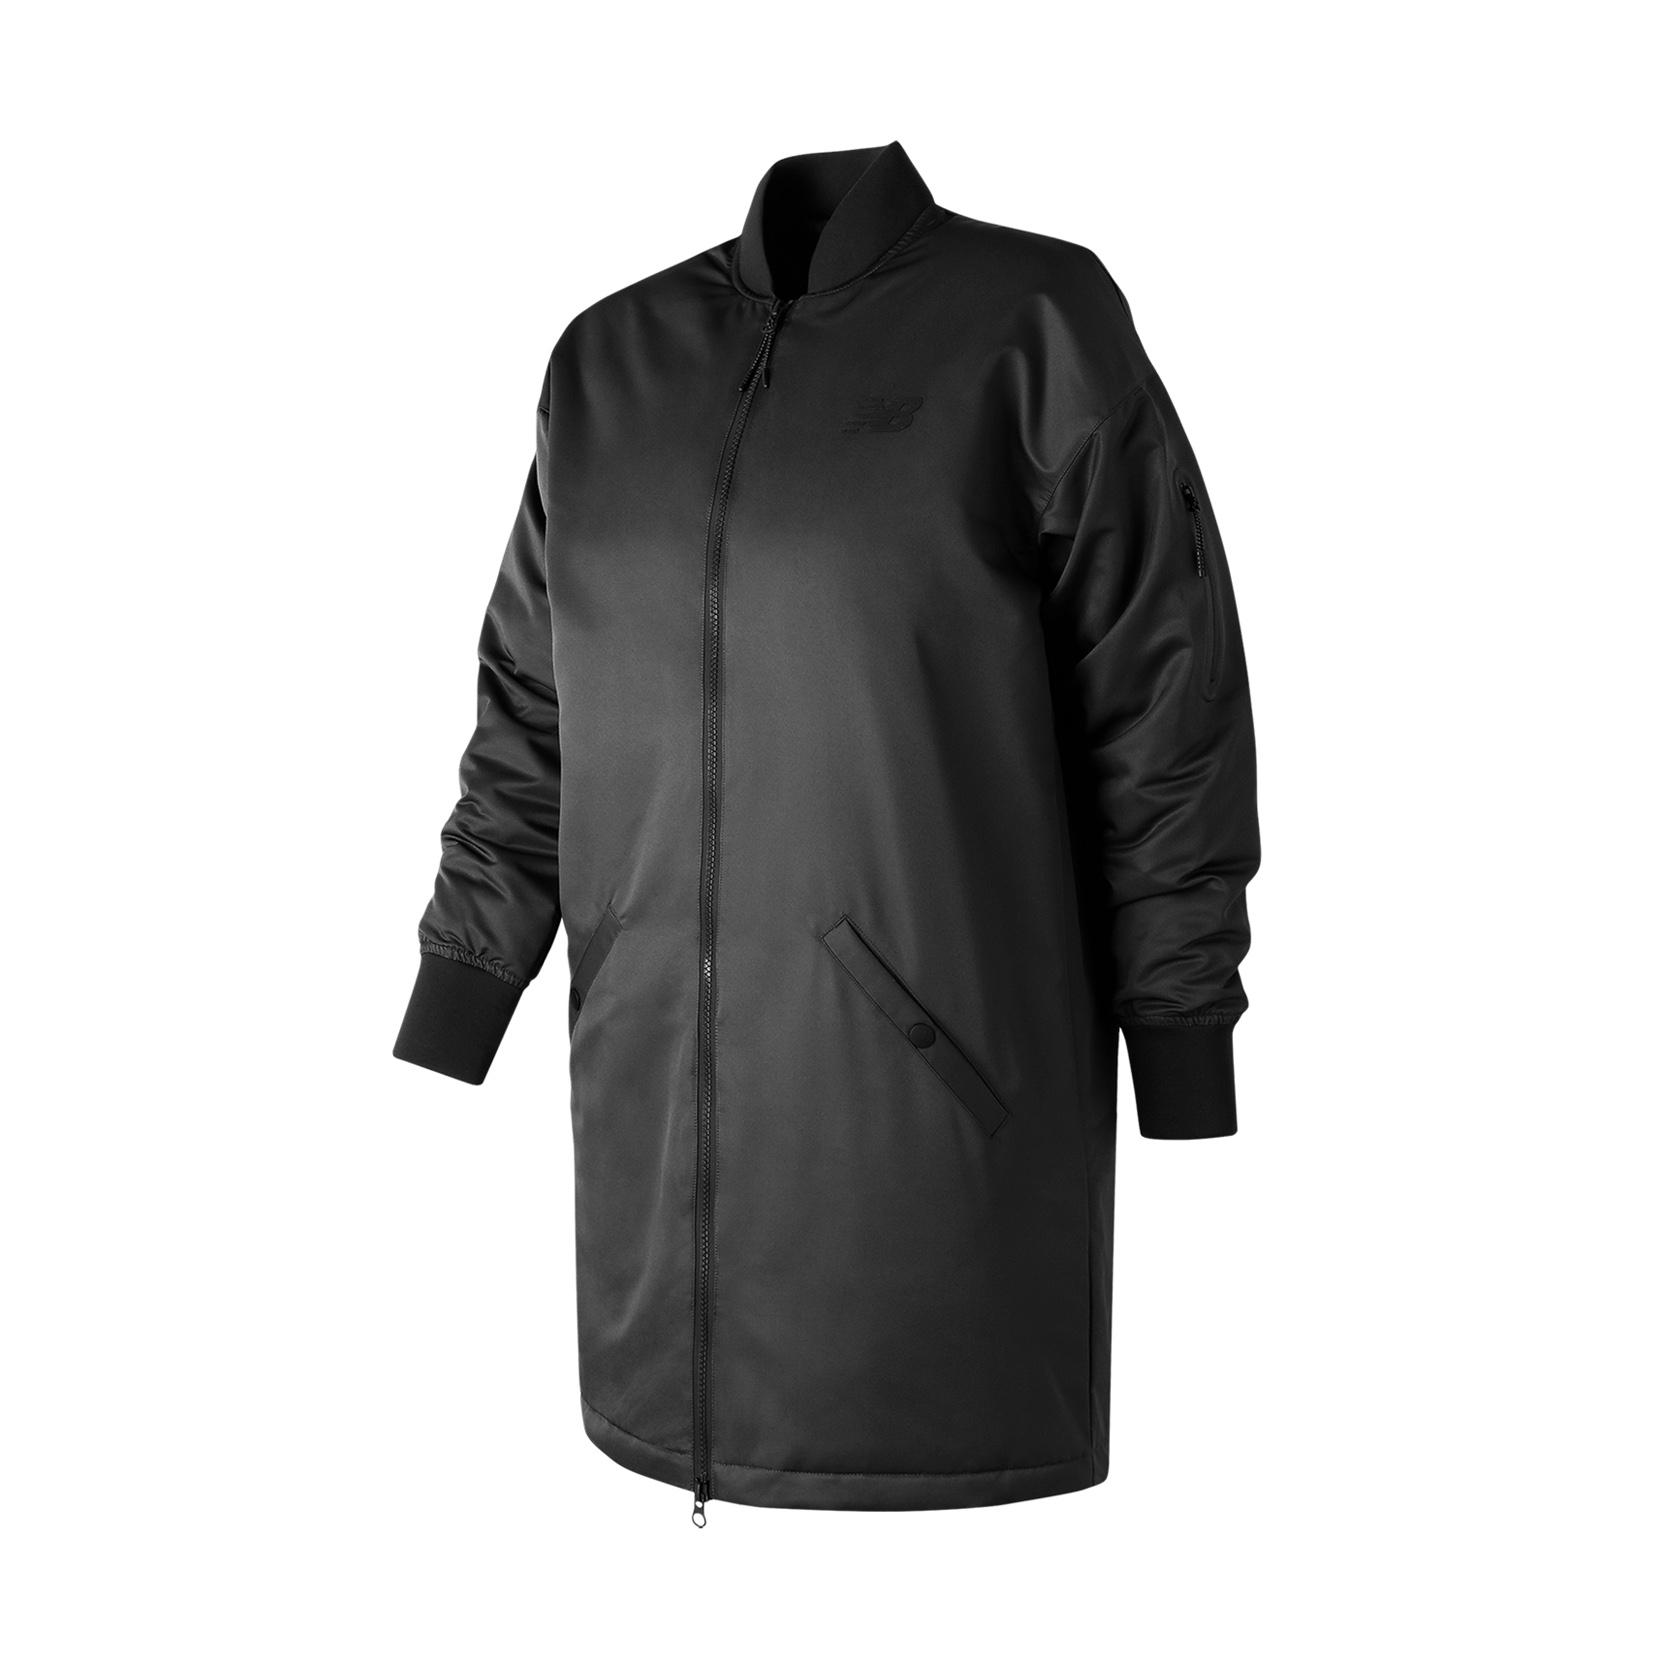 Куртка 247 Luxe MA1 Flight для жінок WJ73543BK | New Balance